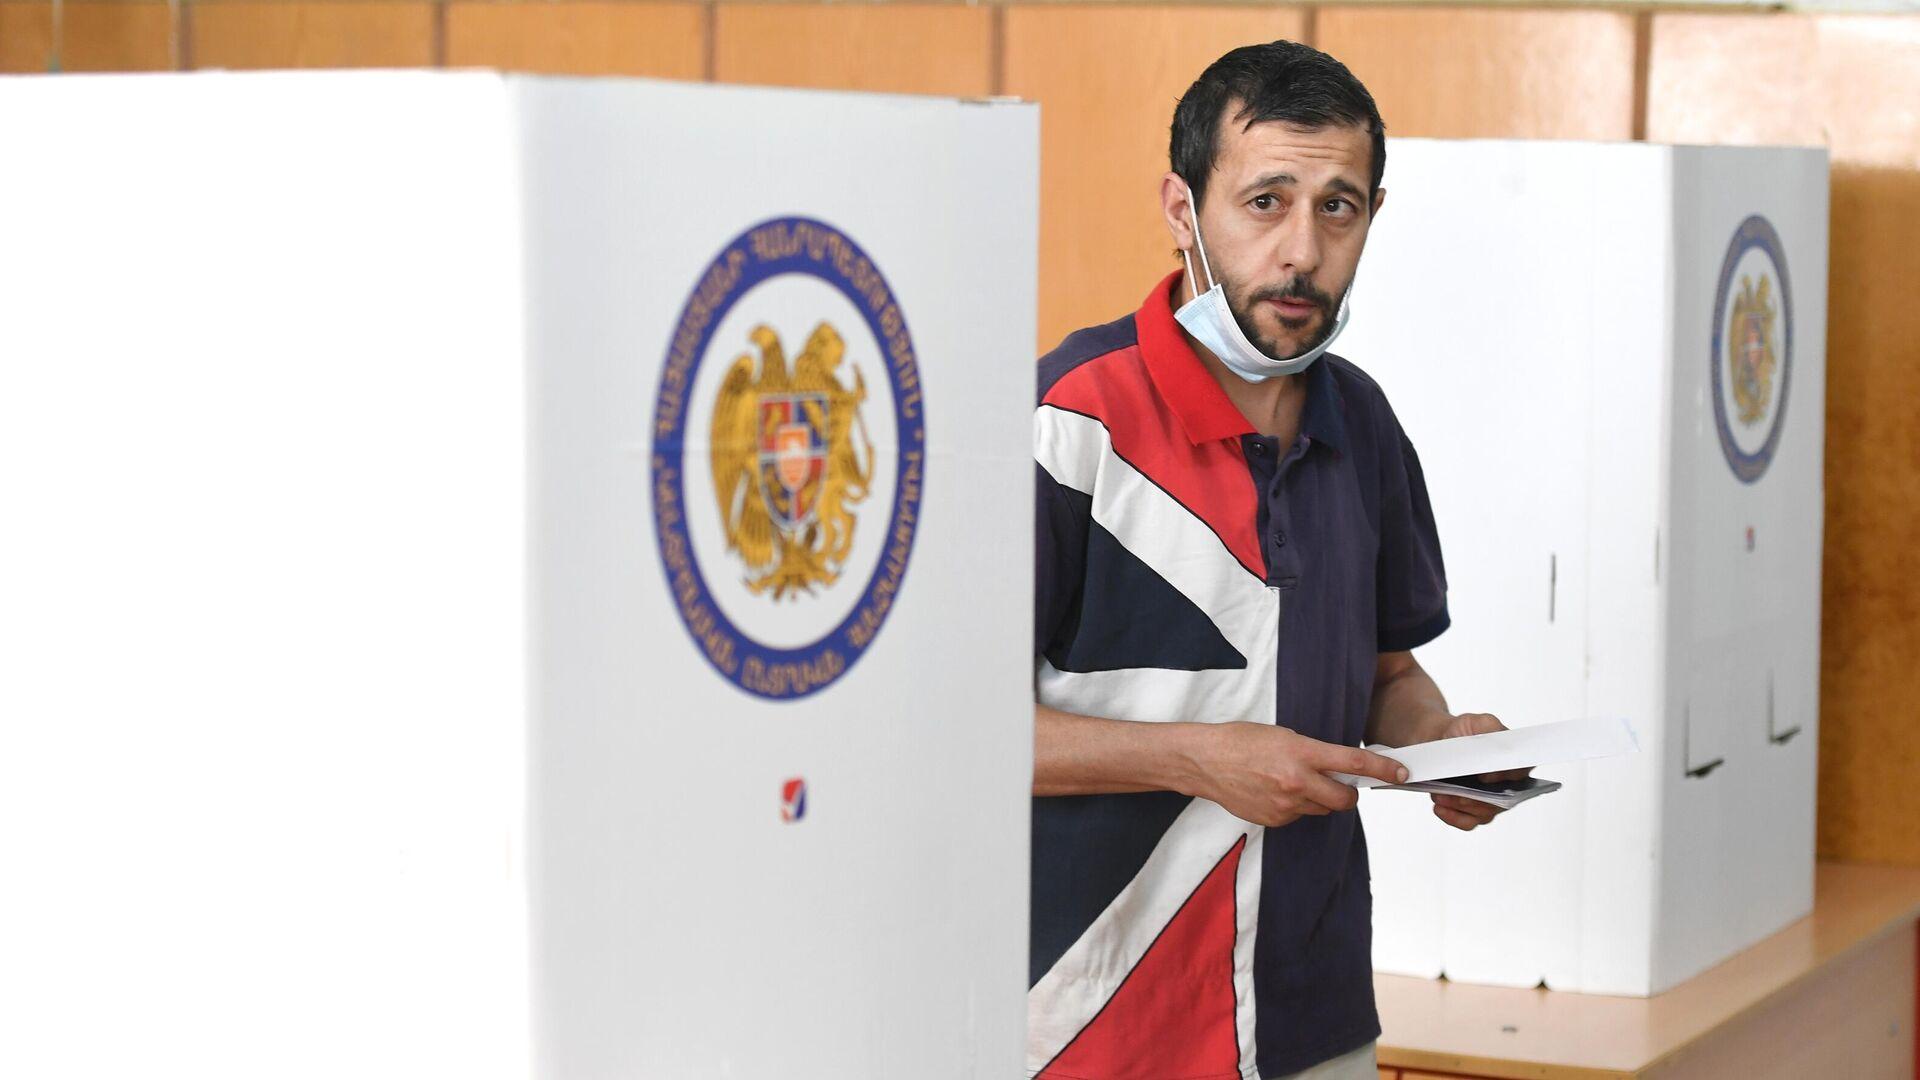 Мужчина на одном из избирательных участков во время досрочных парламентских выборов в Армении - РИА Новости, 1920, 20.06.2021